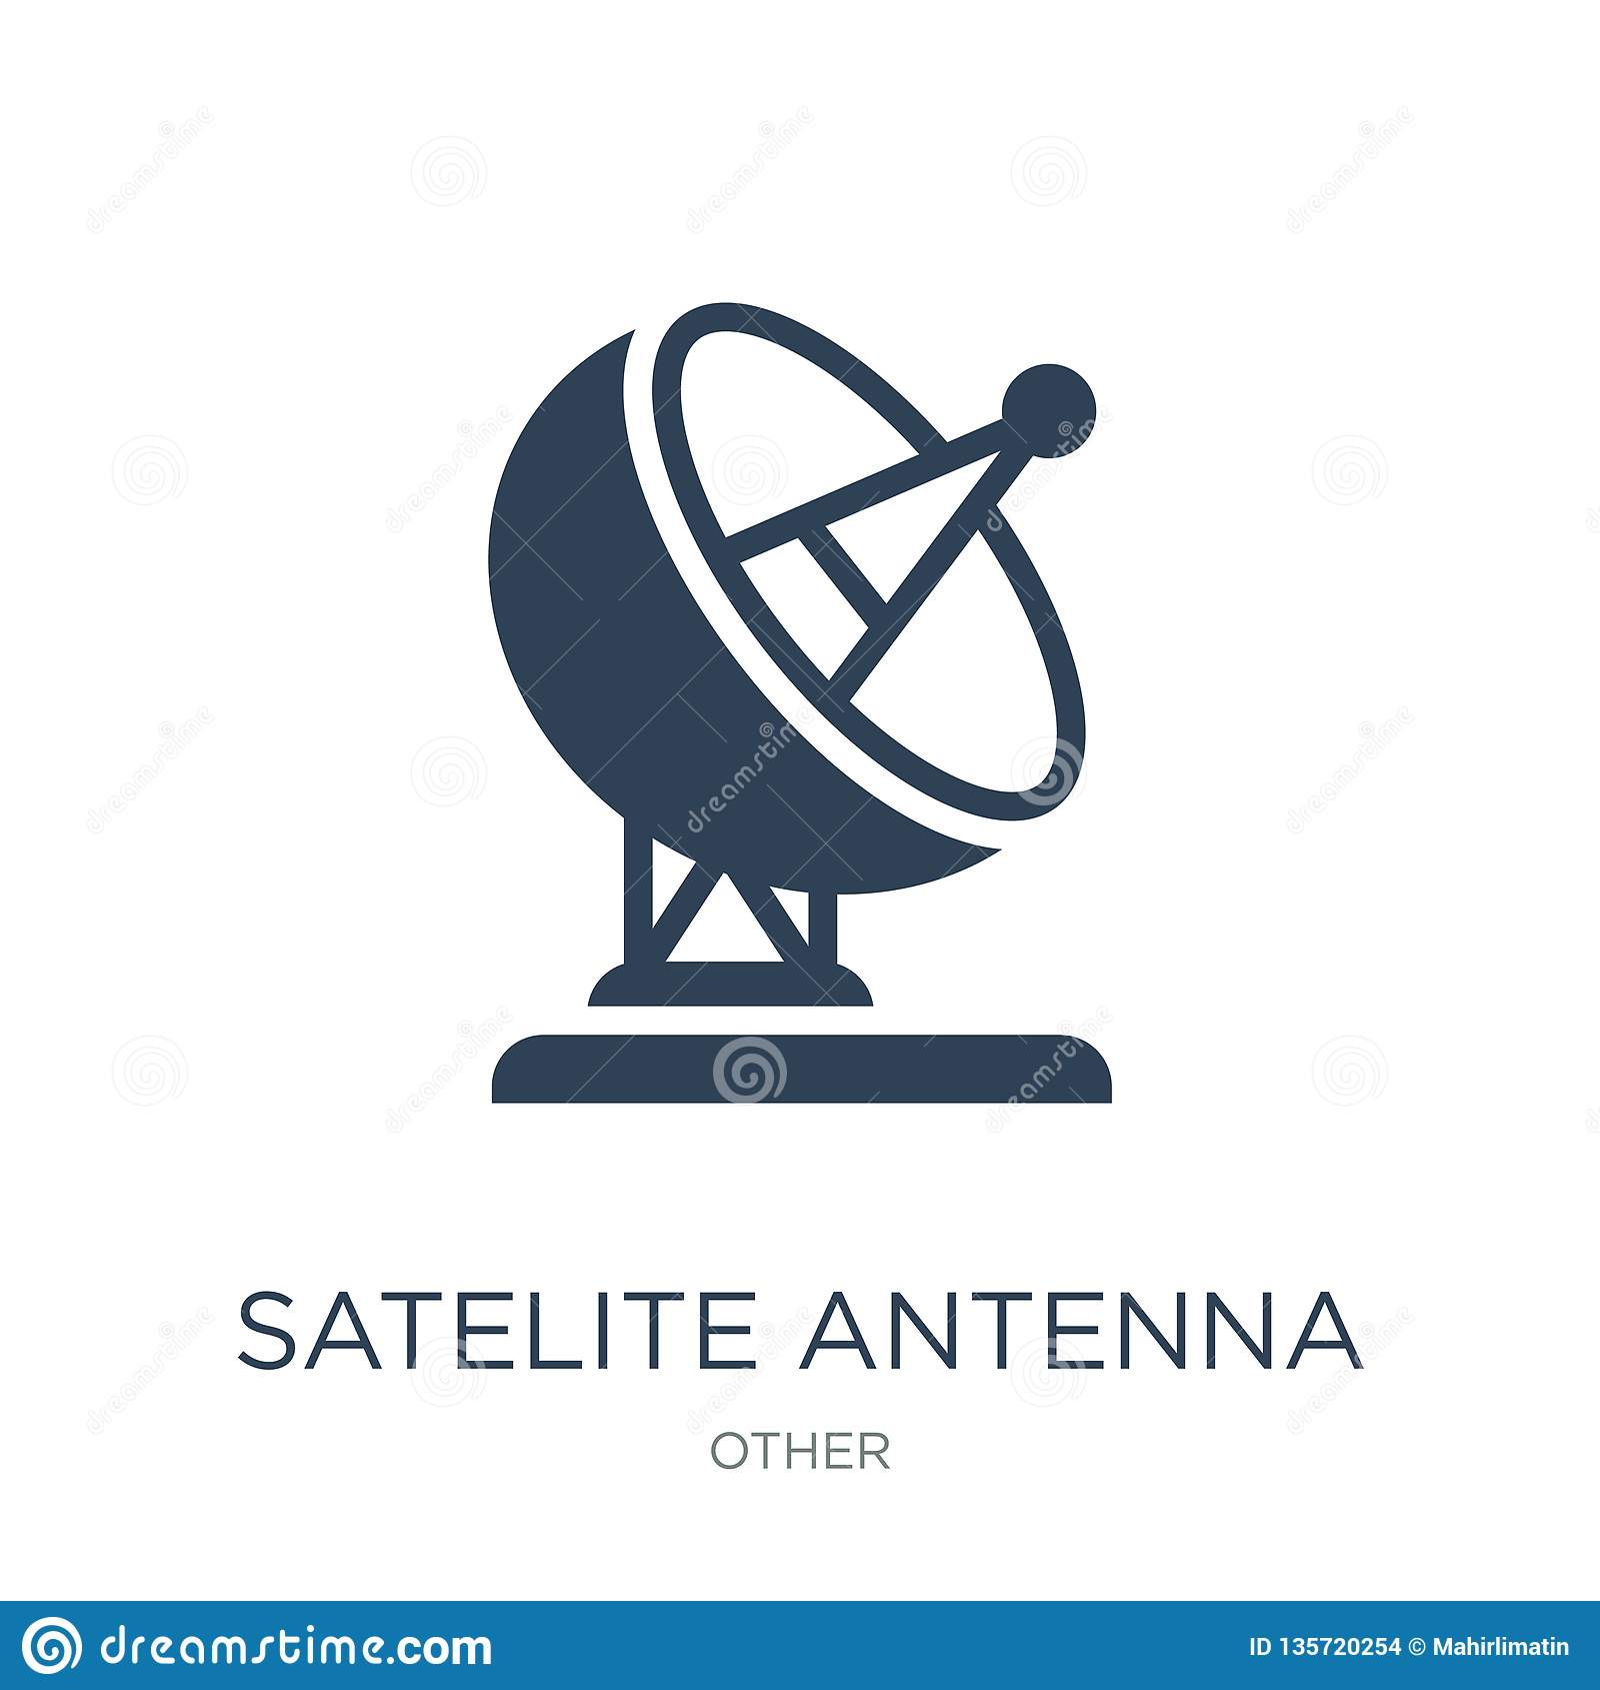 satelite antenna icon in trendy design style. satelite antenna icon isolated on white background. satelite antenna vector icon